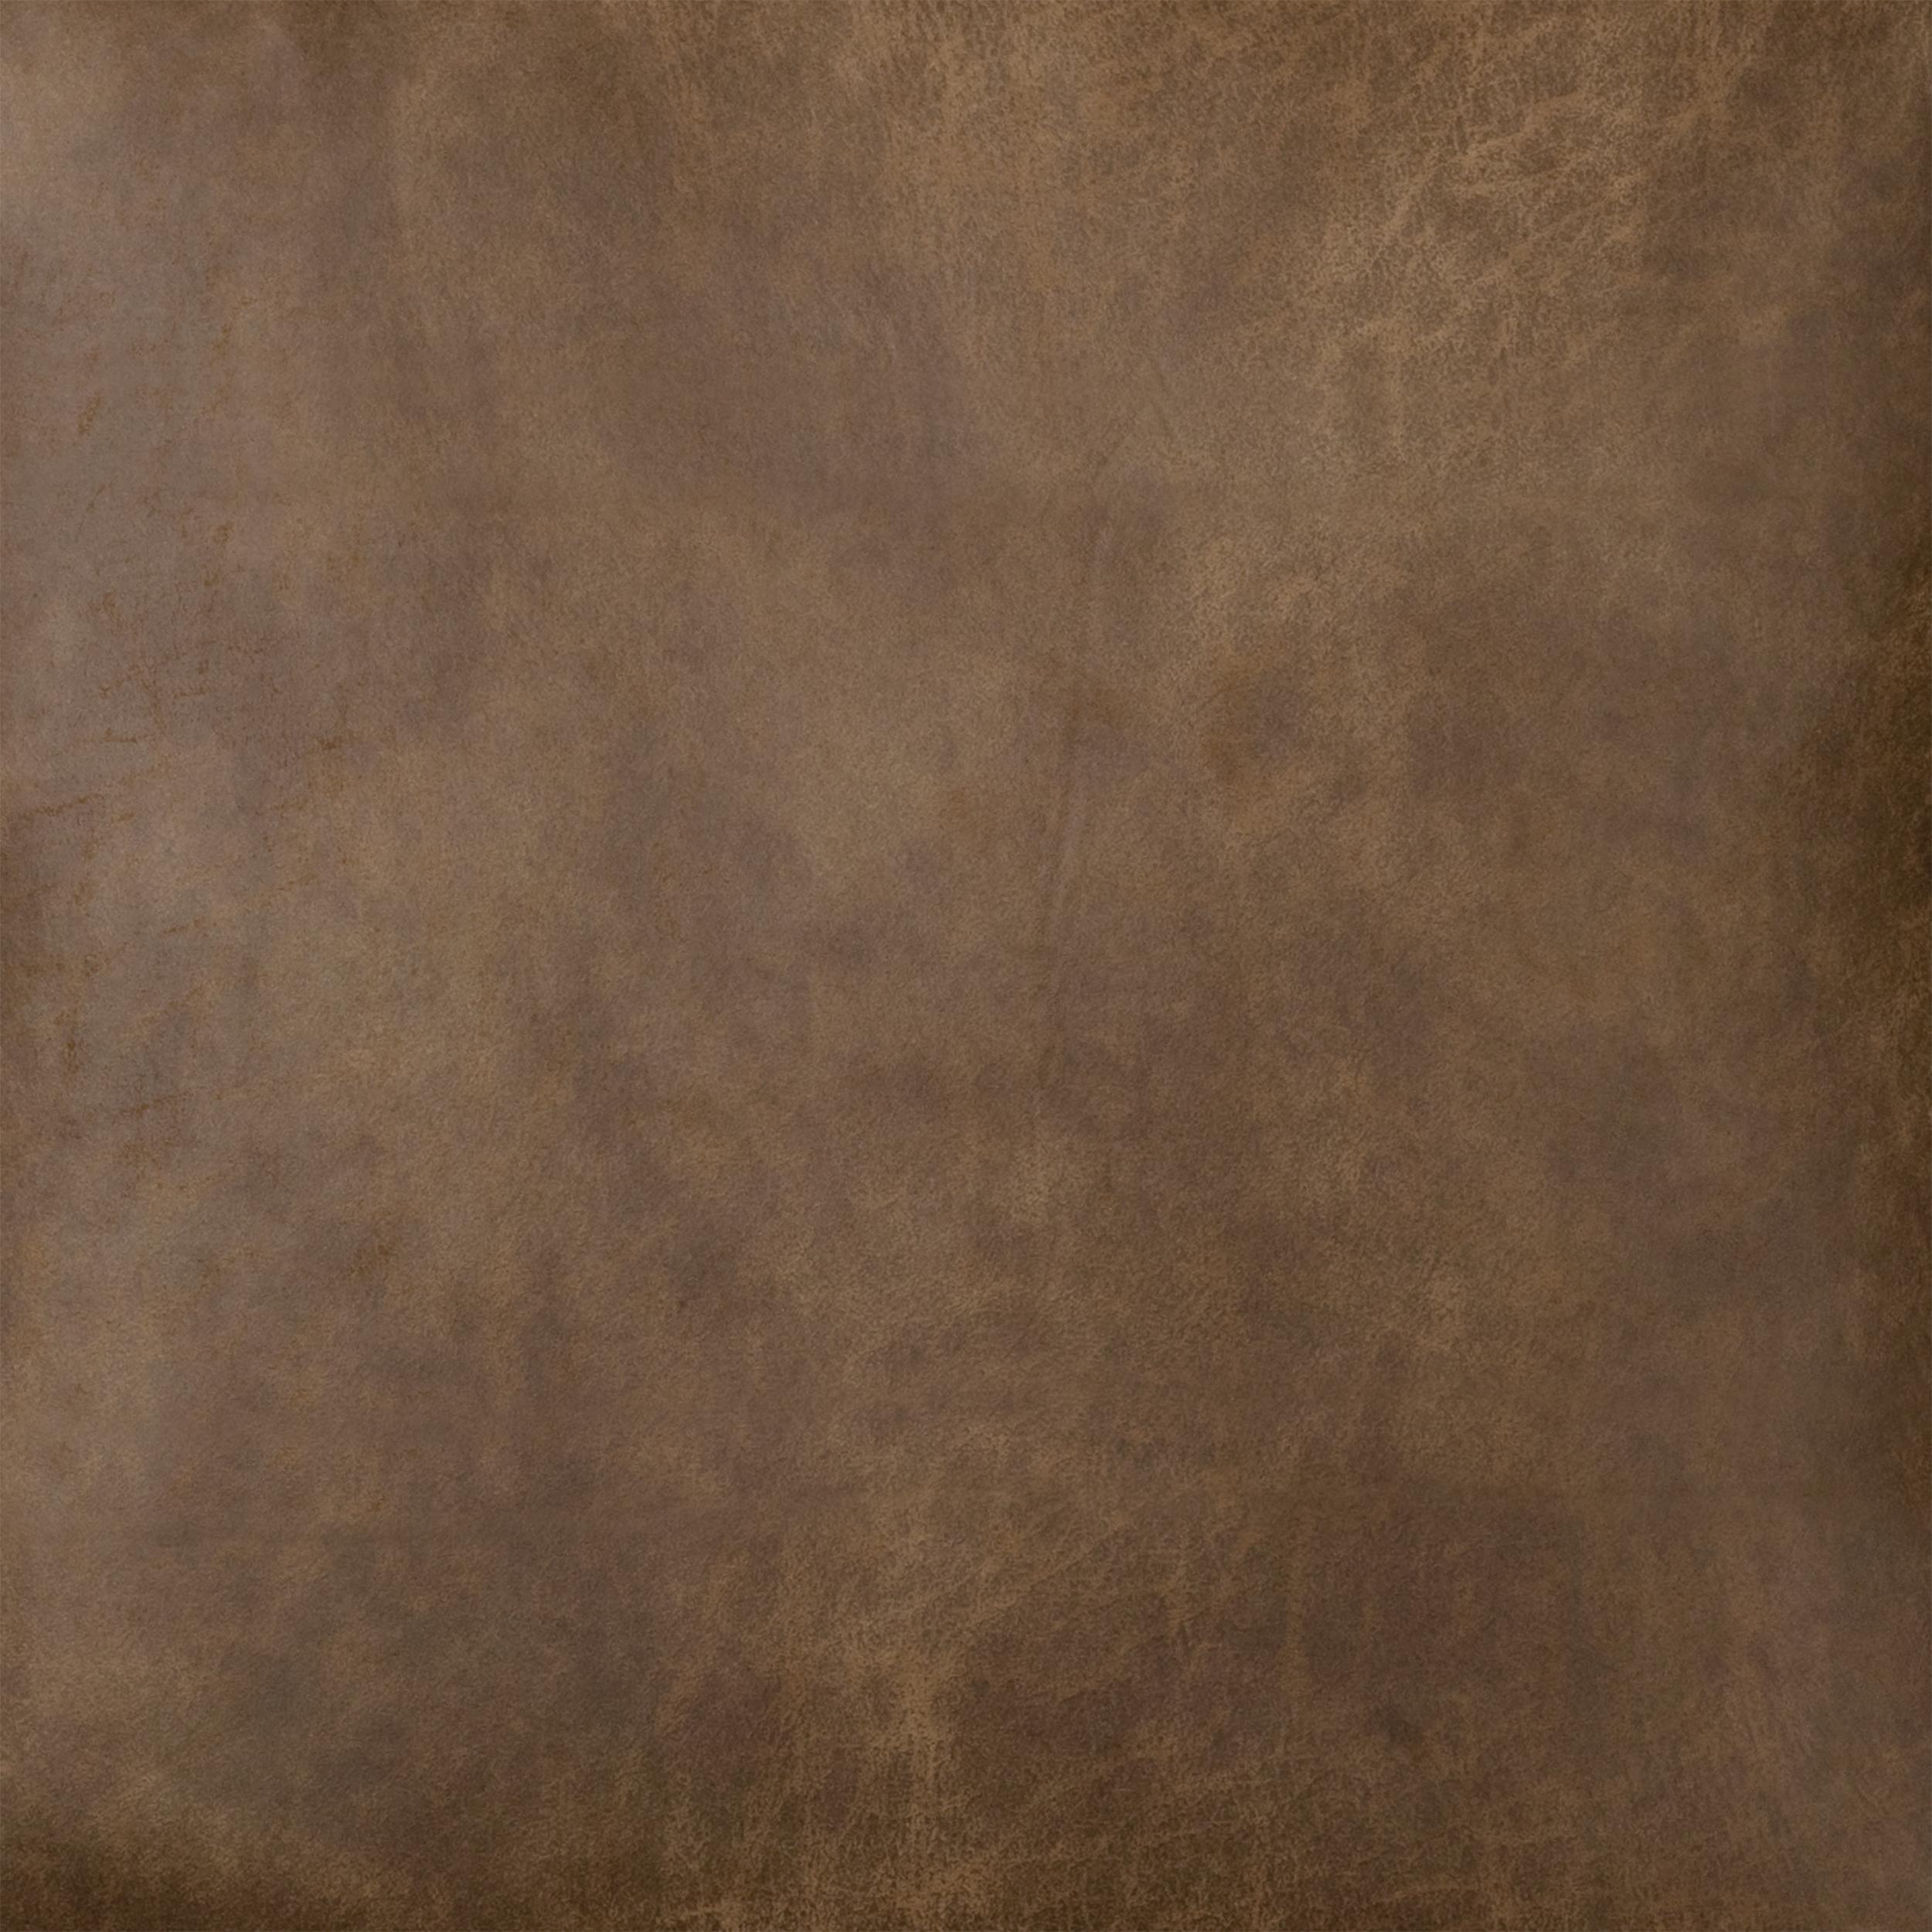 Silt Faux Leather